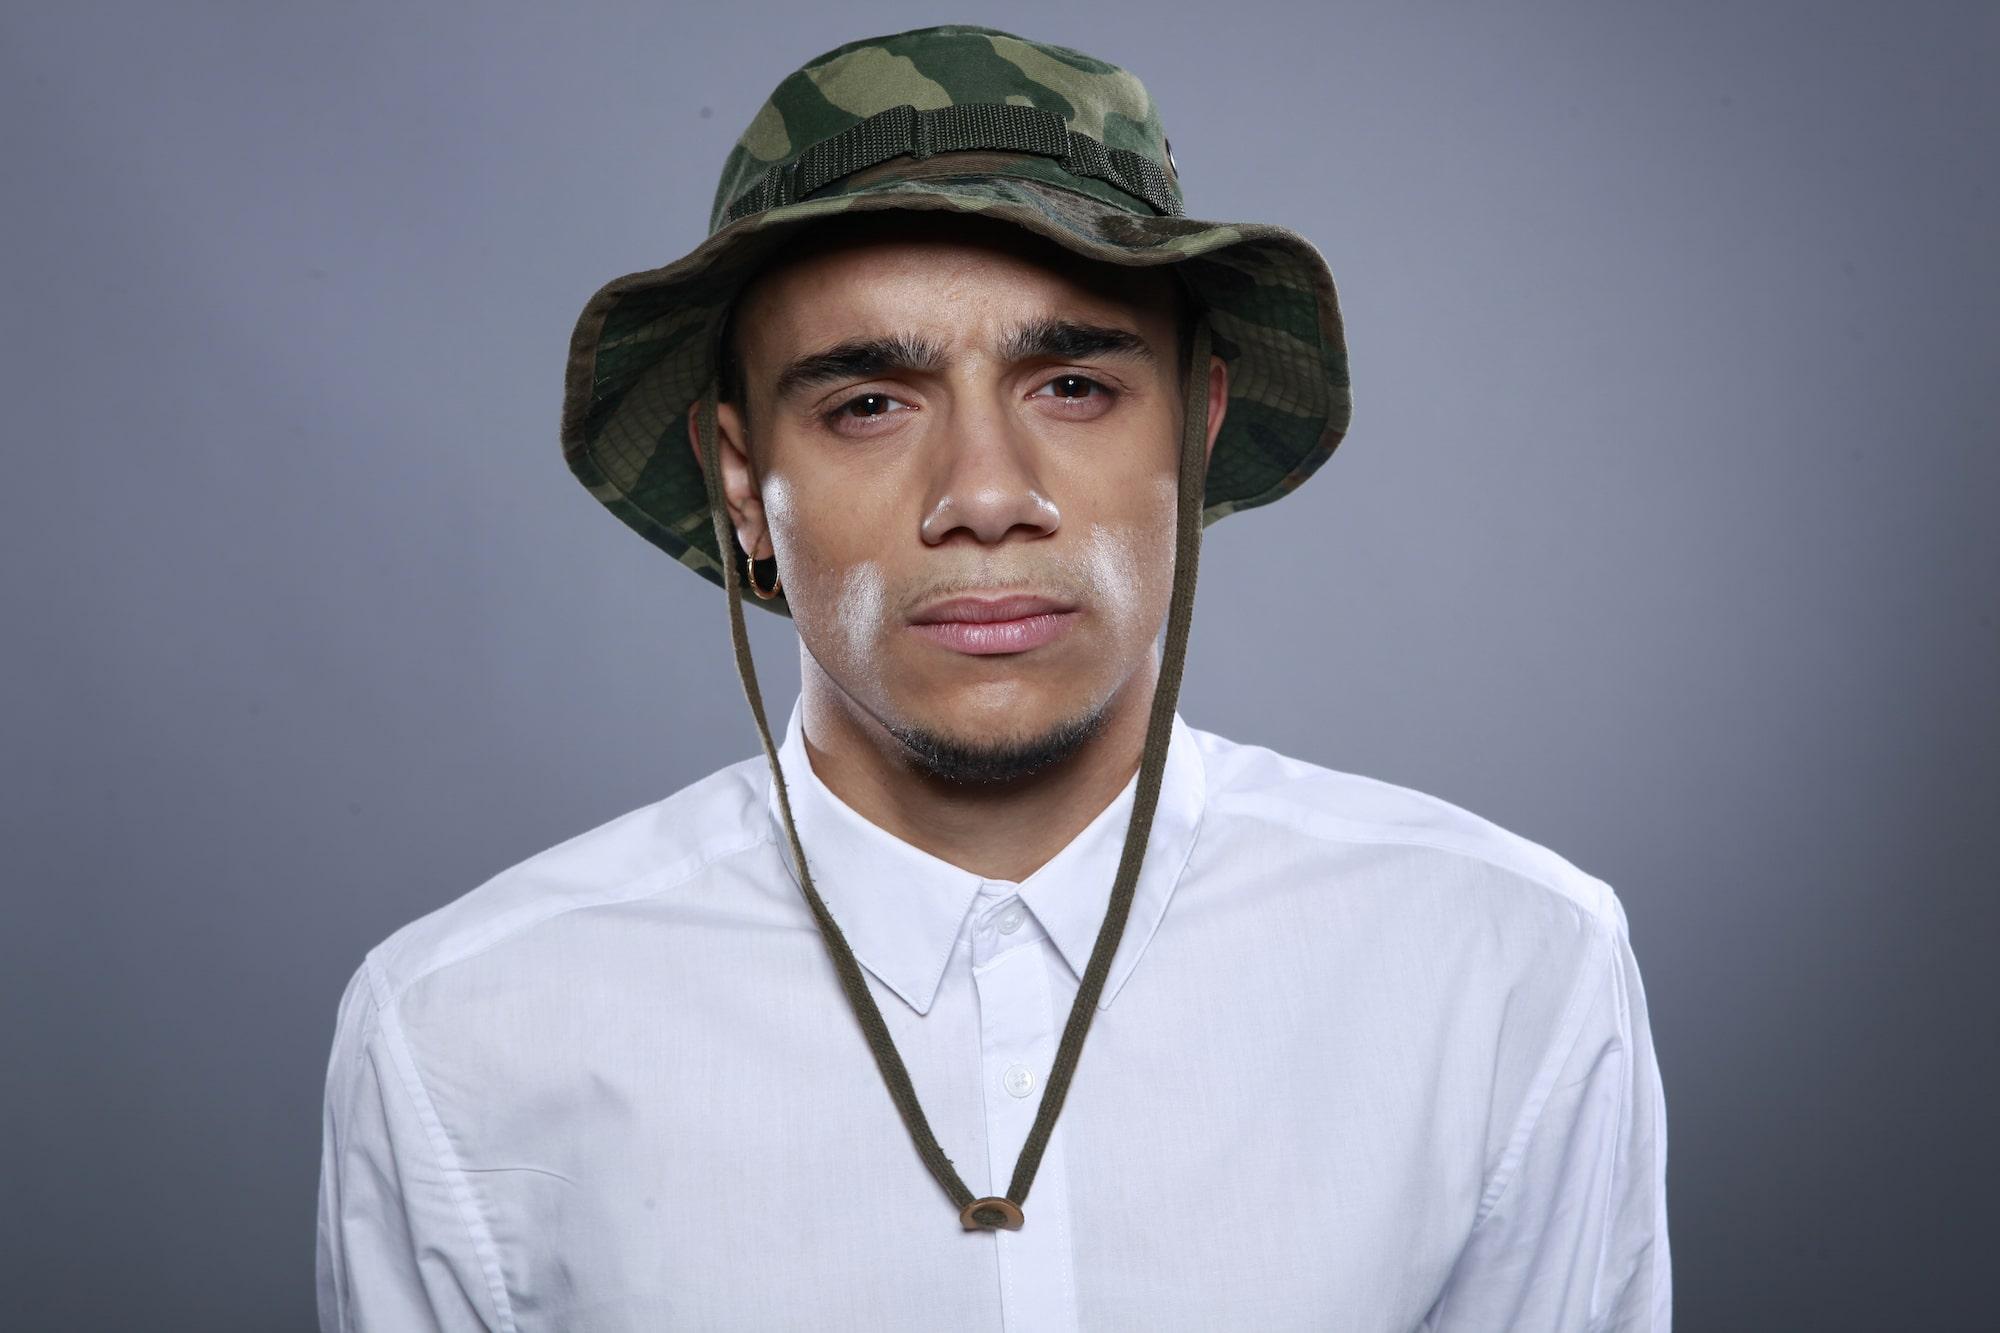 Depuis l'annonce de son album, le rap s'enflamme pour ce vidéaste reconverti du bon côté de la force. Double V sortira la semaine prochaine, et voici pourquoi il va tuer le game.